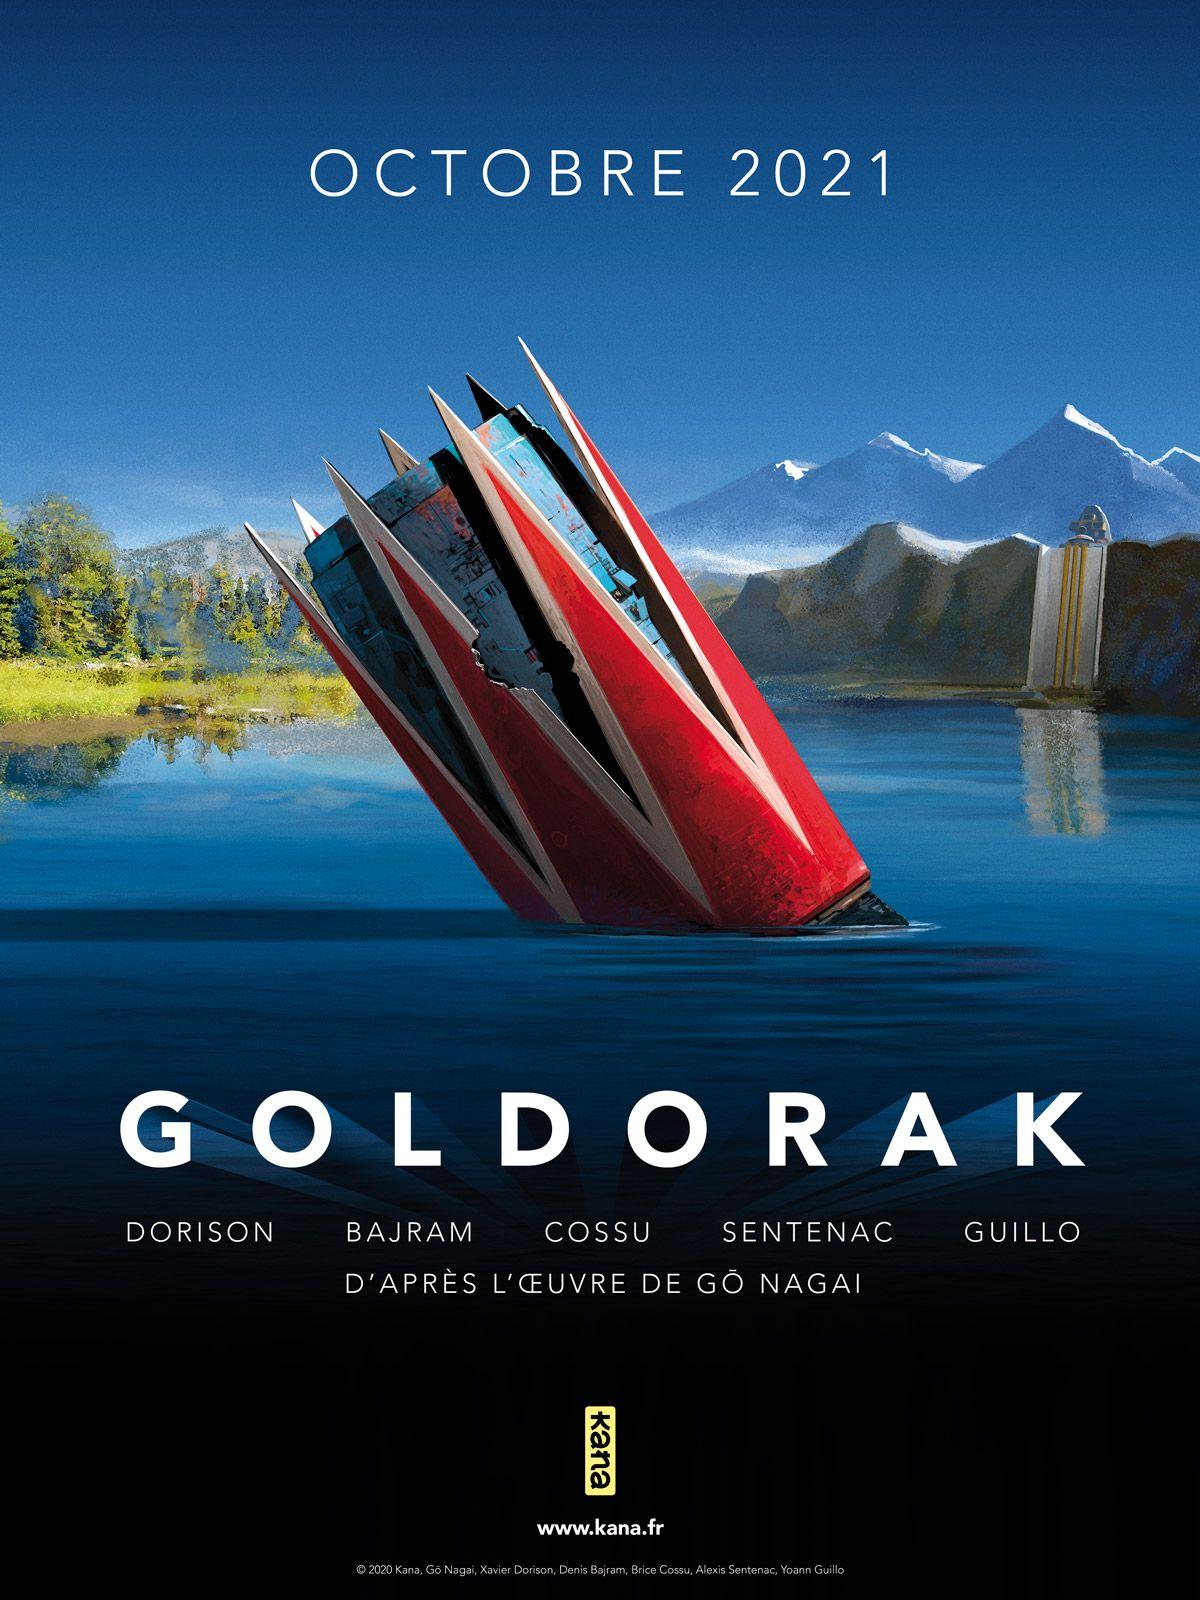 projet-g-goldorak-retour-bd-auteurs-francais_6129